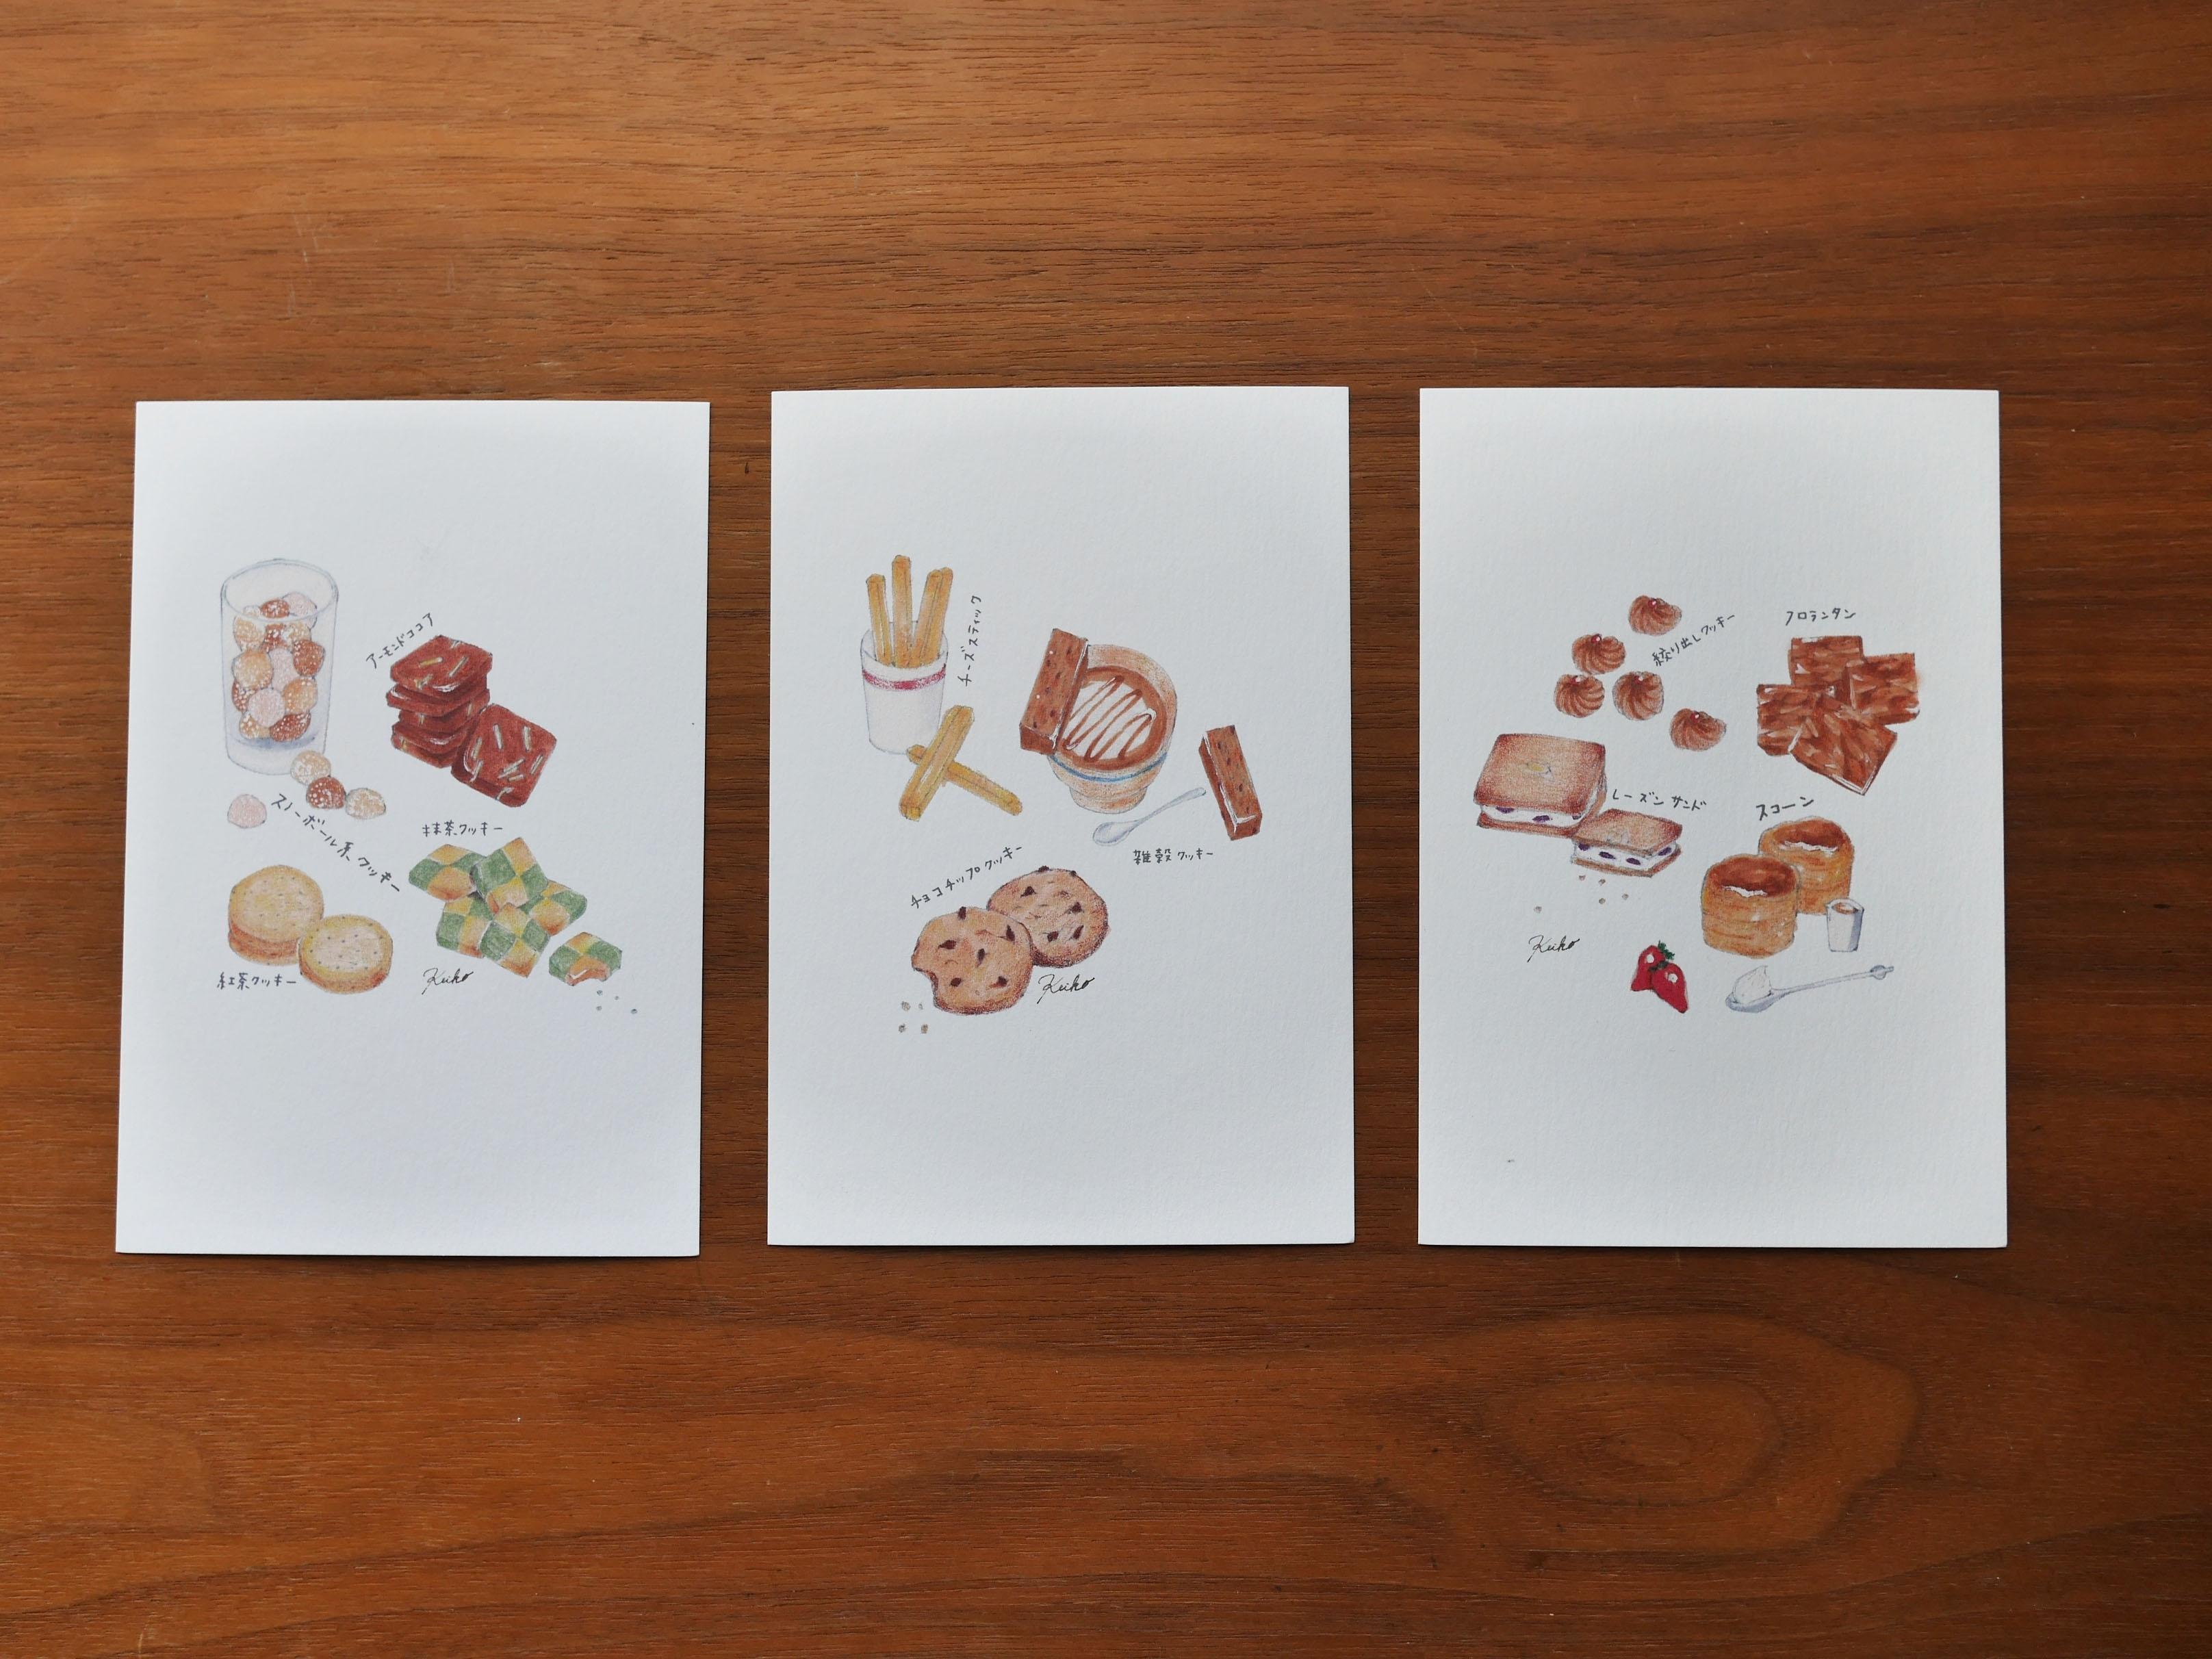 食べもの&おやつポストカードセット、販売スタートします。(全3種)